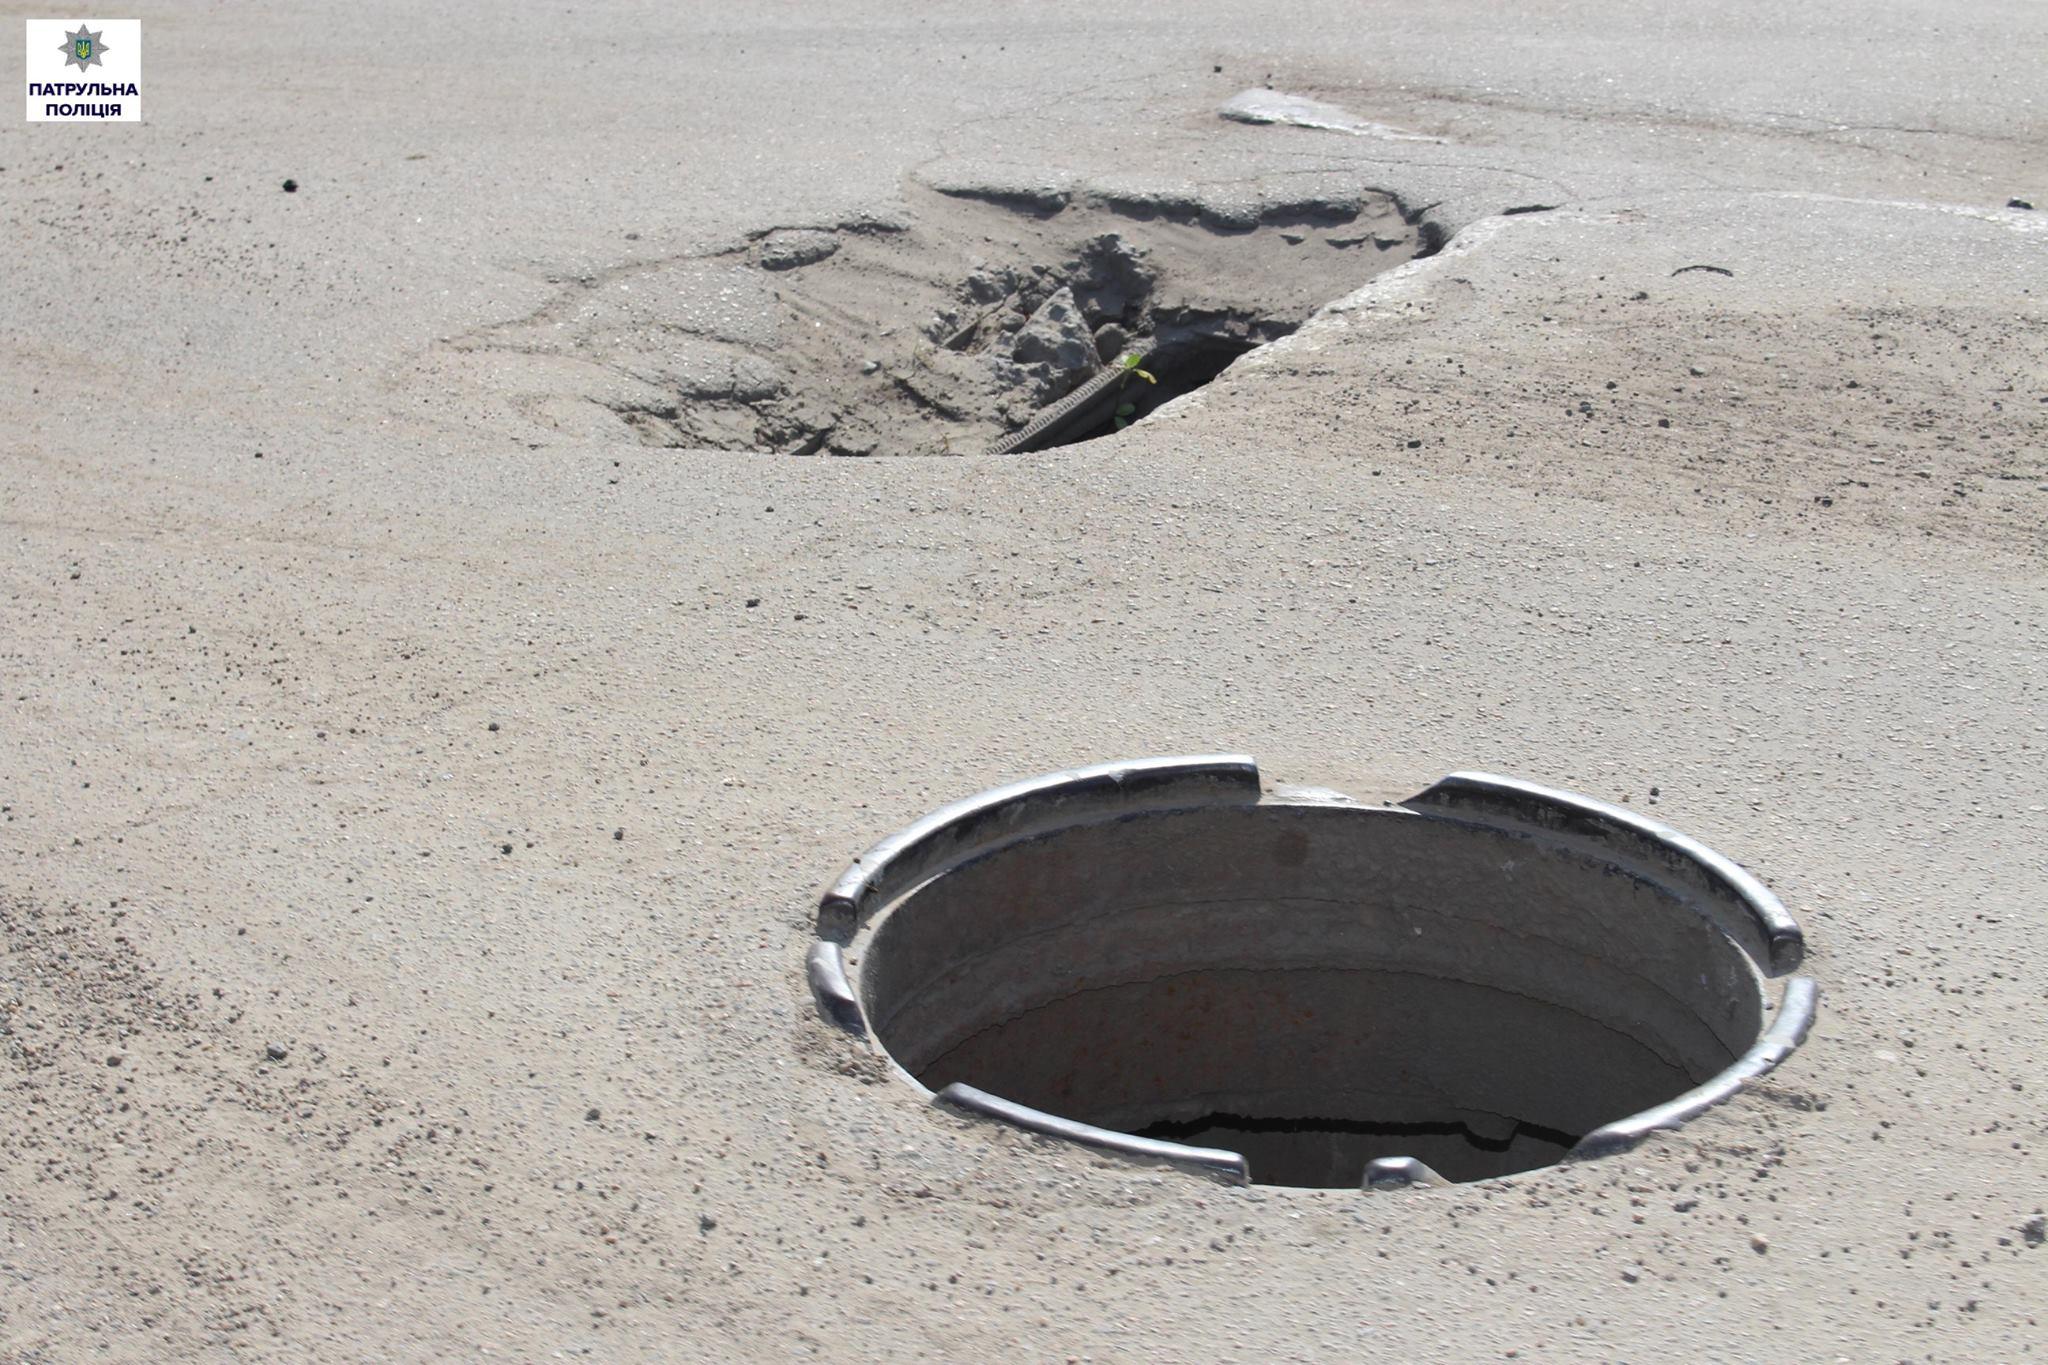 Ями та люки без решіток: миколаївські патрульні обстежили дорогу для фур